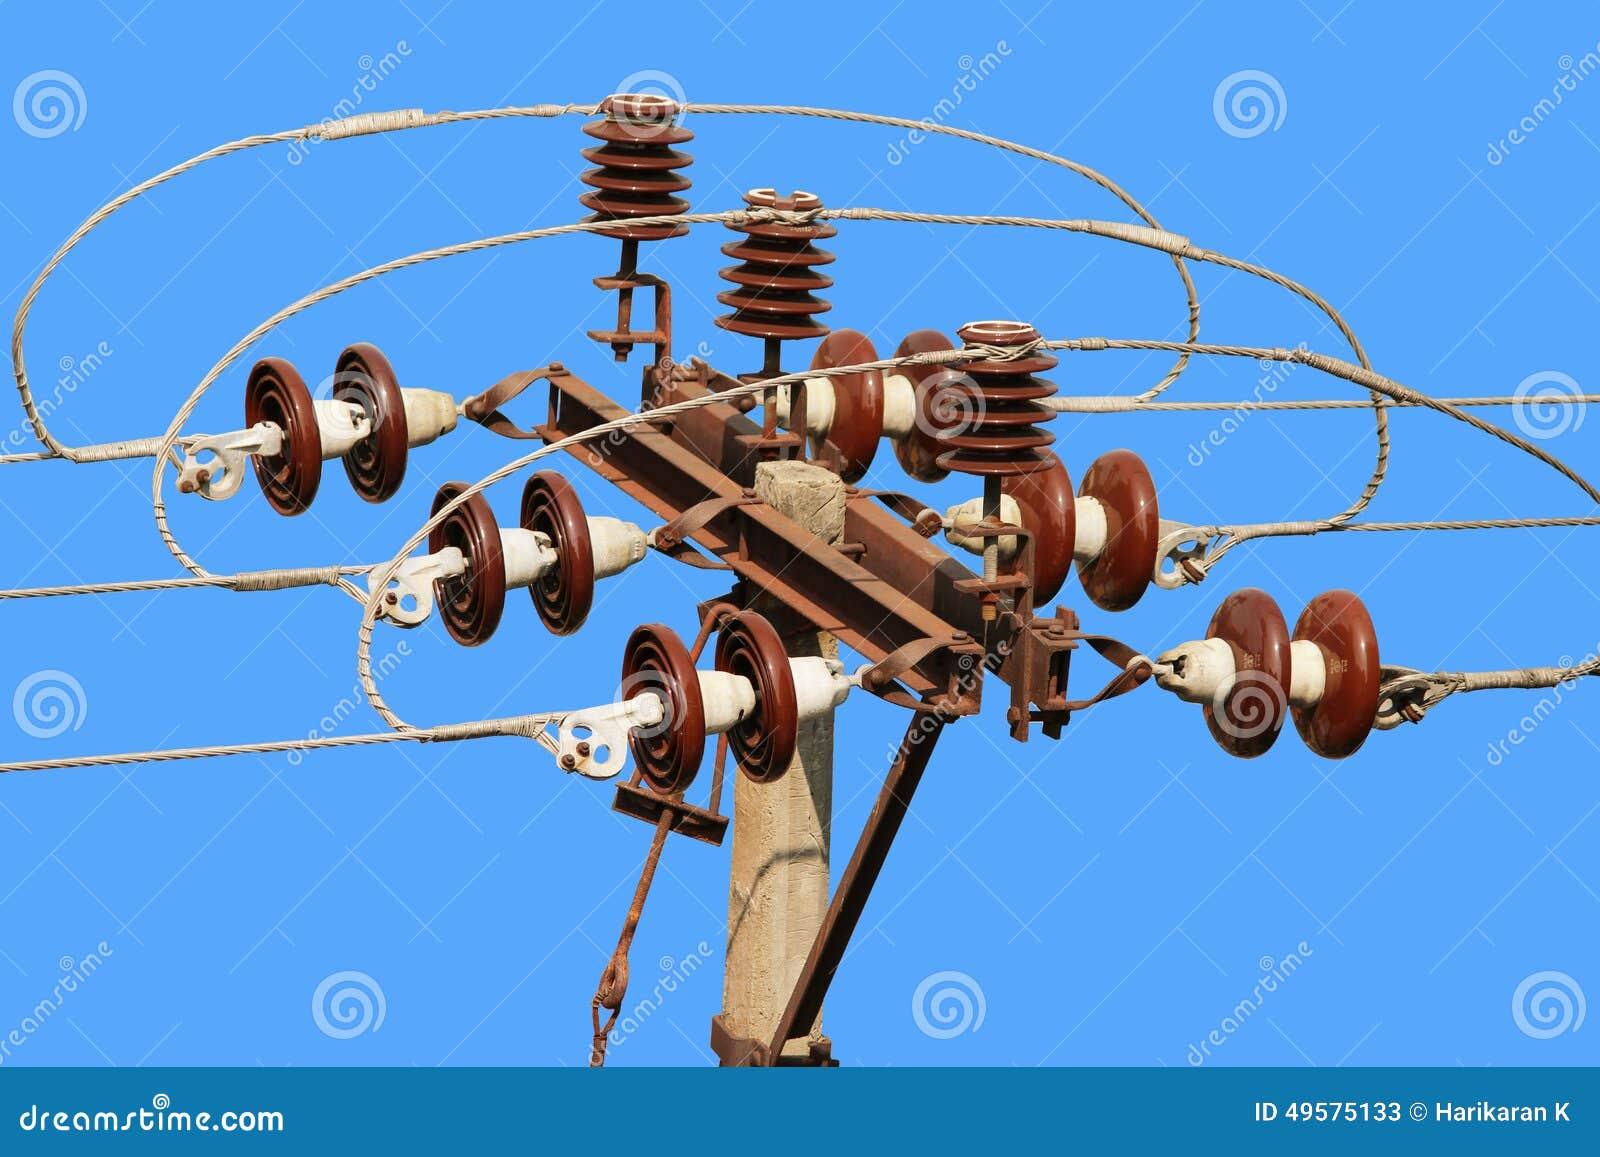 Connecteur électrique de ligne électrique de courrier de rue contre le ciel bleu